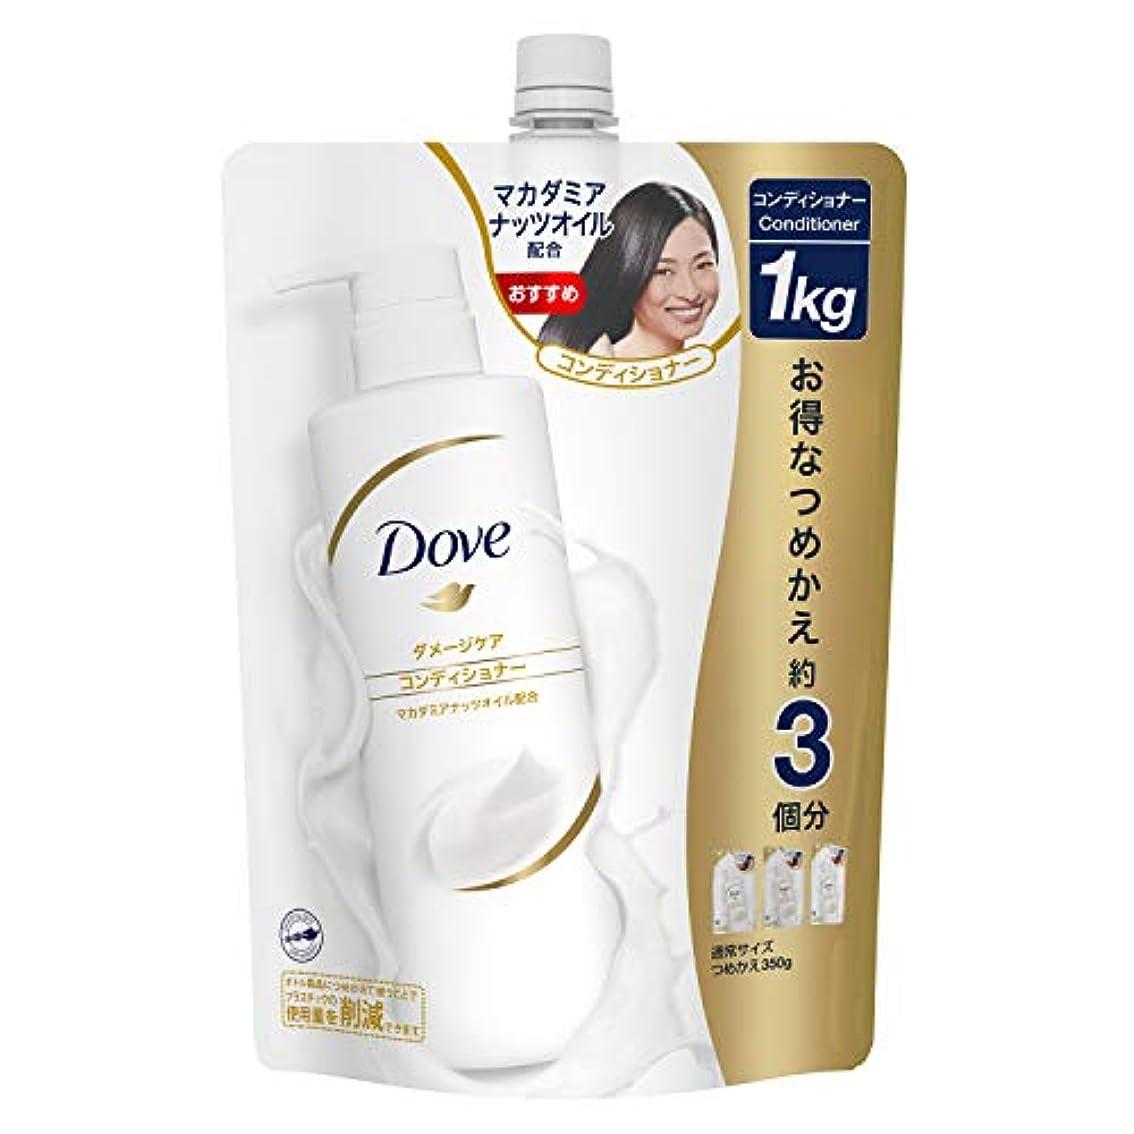 独立した本気抽象化【大容量】 Dove ダヴ ダメージケア コンディショナー つめかえ用 1kg